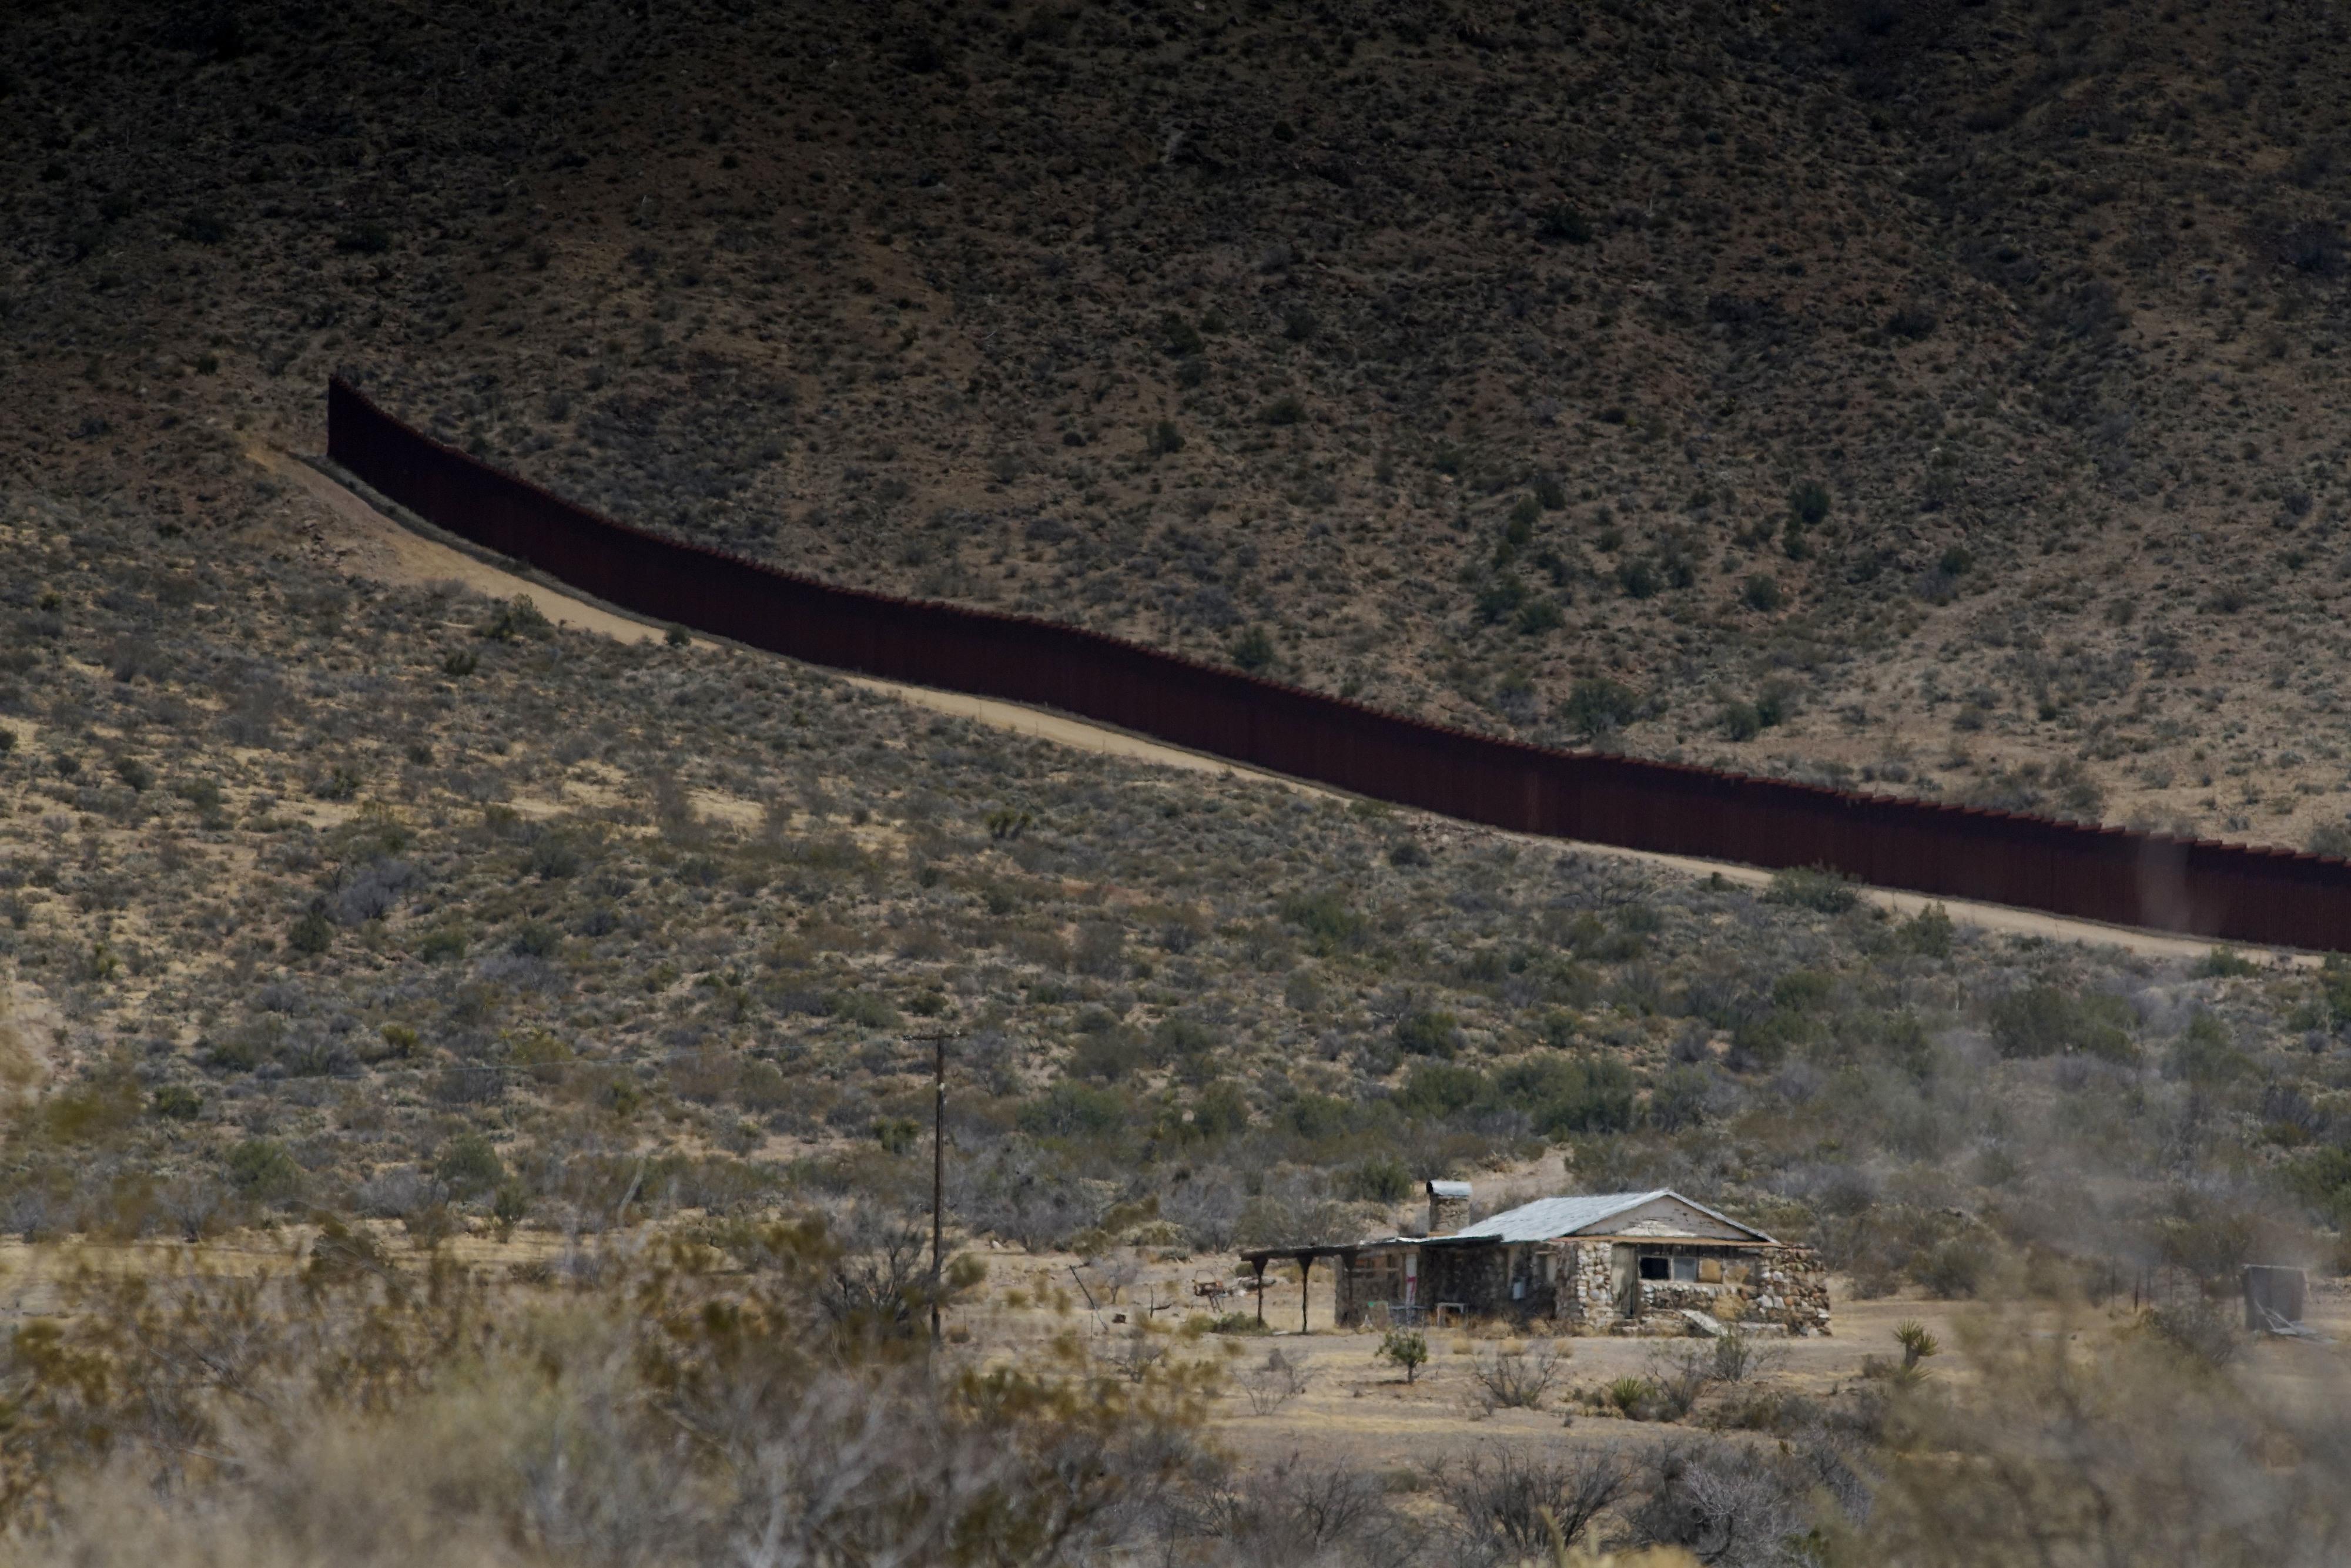 Patrulha dos EUA encontra criança de três anos perdida na fronteira com o México